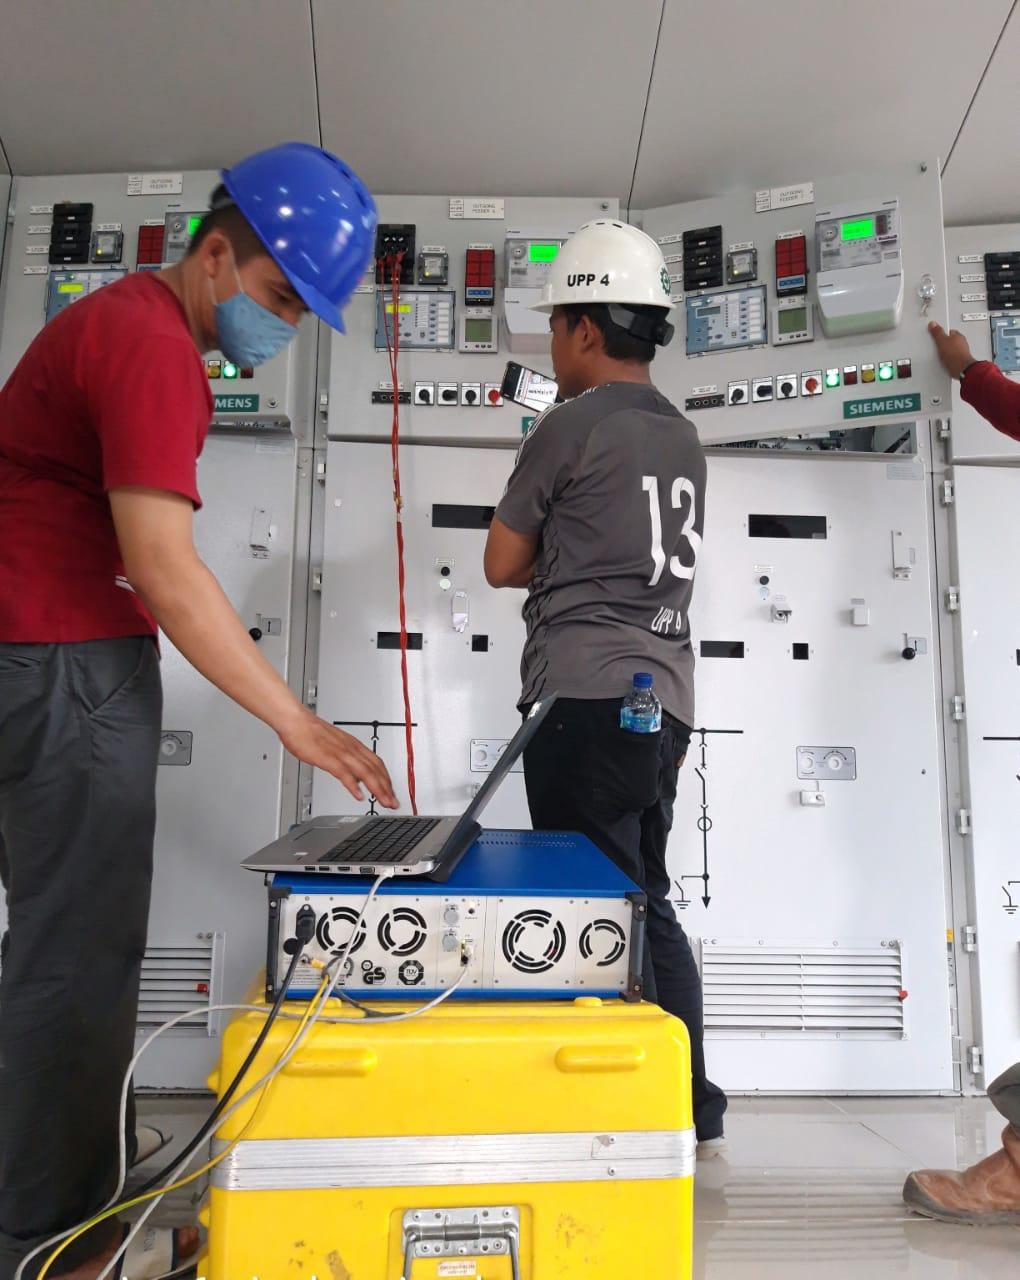 Sistem Kelistrikan Barito memiliki surplus/cadangan daya sebesar 113.4 Mega Watt (MW) dengan daya mampu sebesar 836.8 MW dan beban puncak sebesar 723.4 MW.